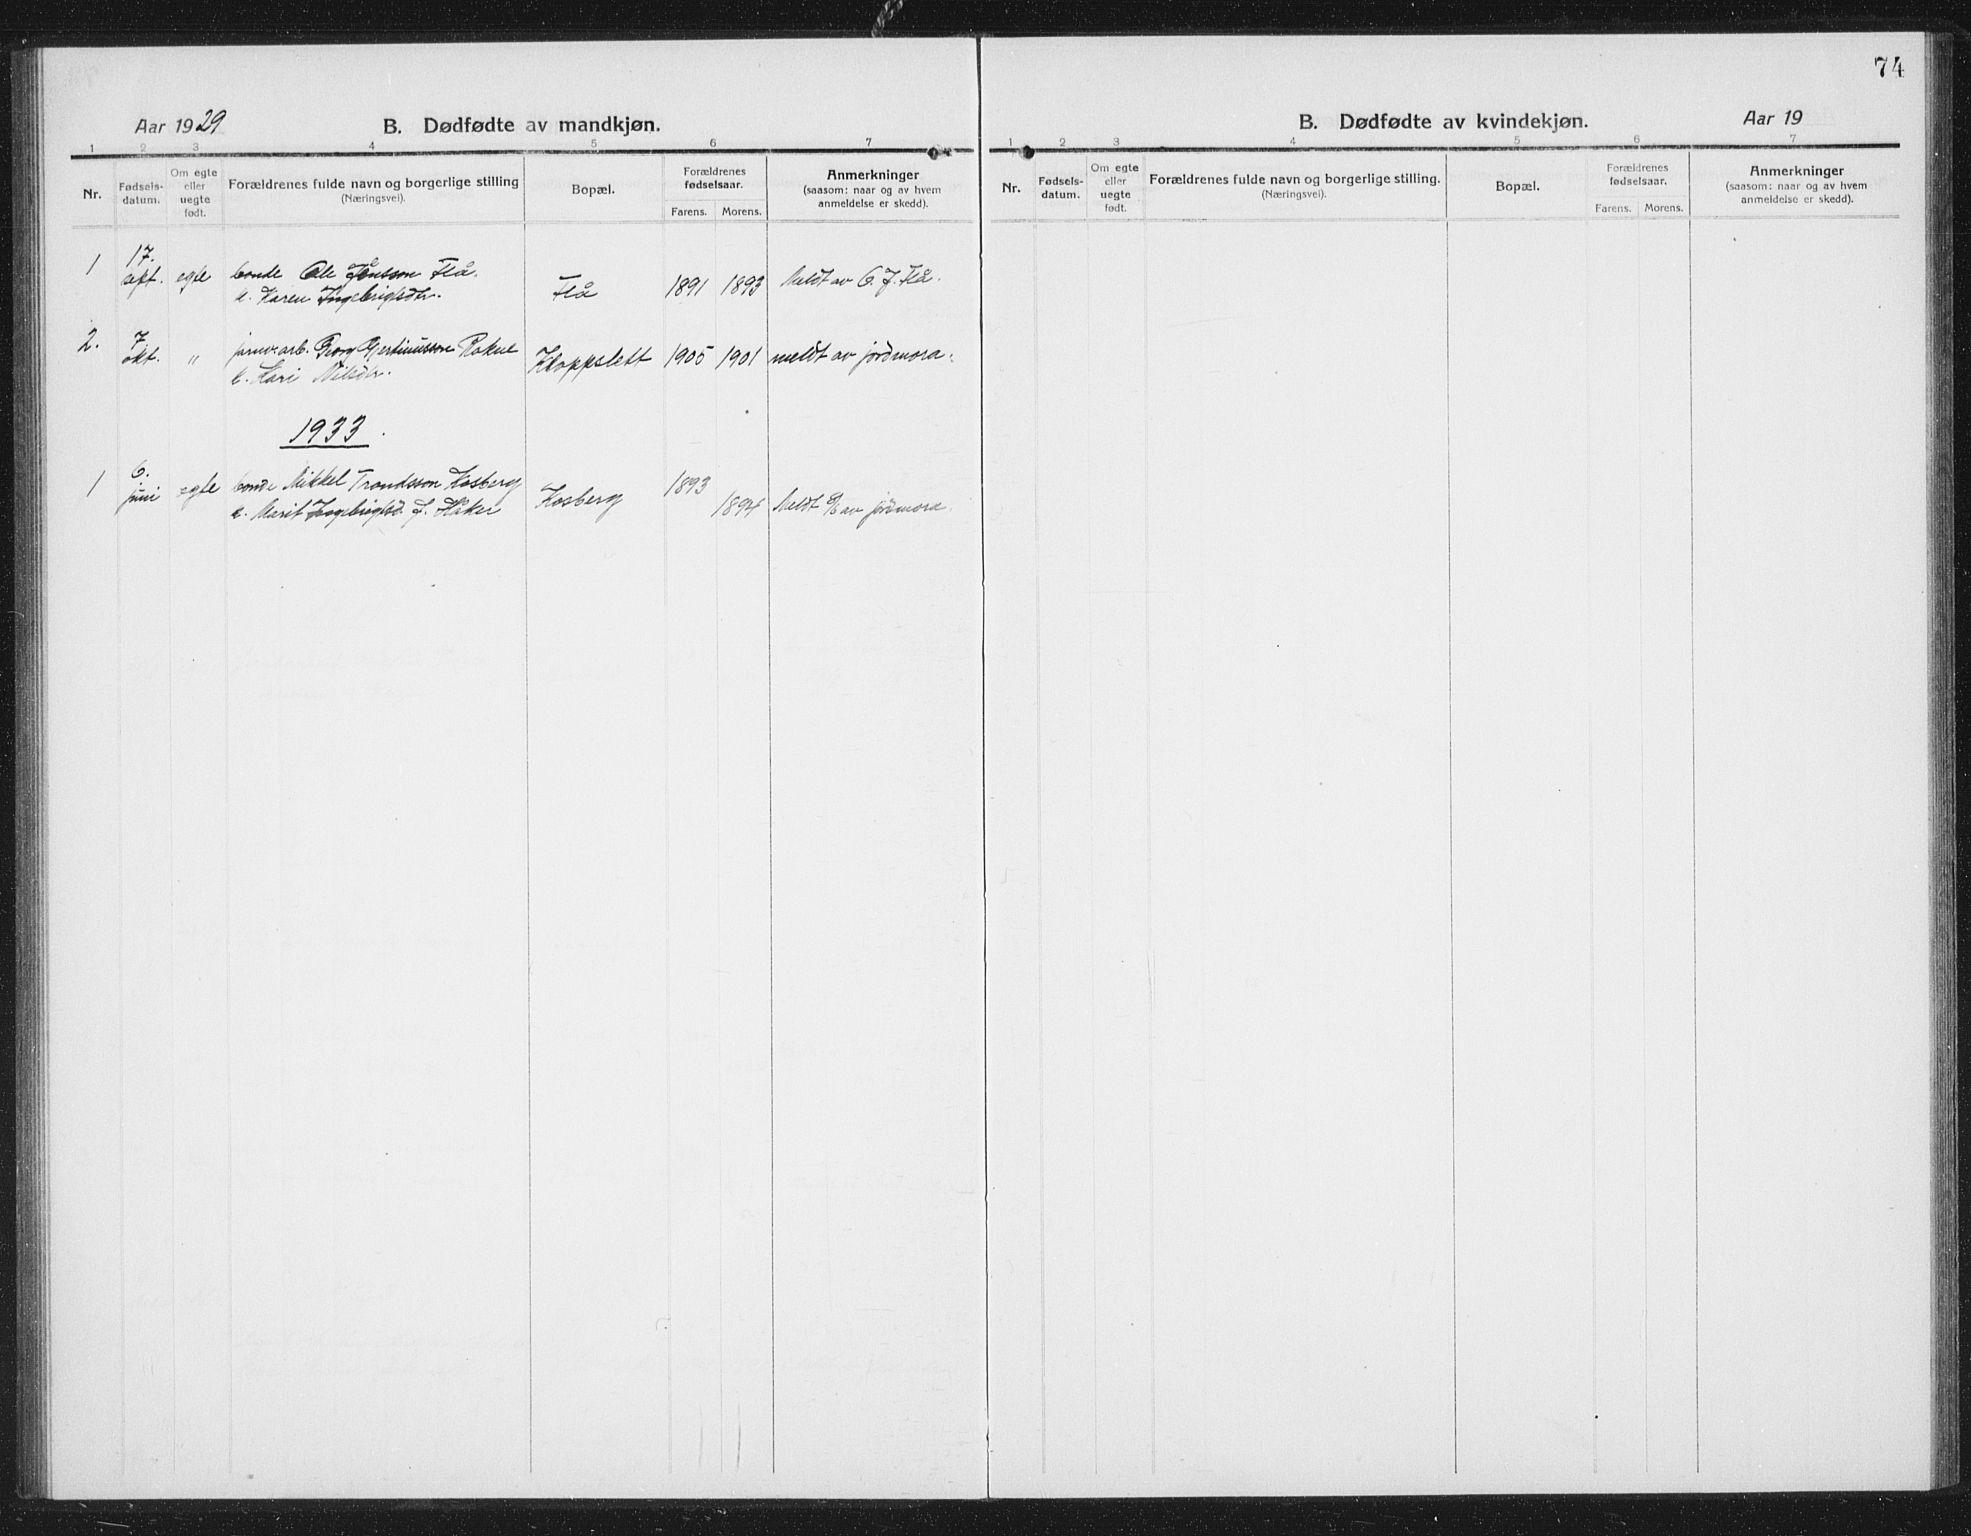 SAT, Ministerialprotokoller, klokkerbøker og fødselsregistre - Sør-Trøndelag, 675/L0888: Klokkerbok nr. 675C01, 1913-1935, s. 74